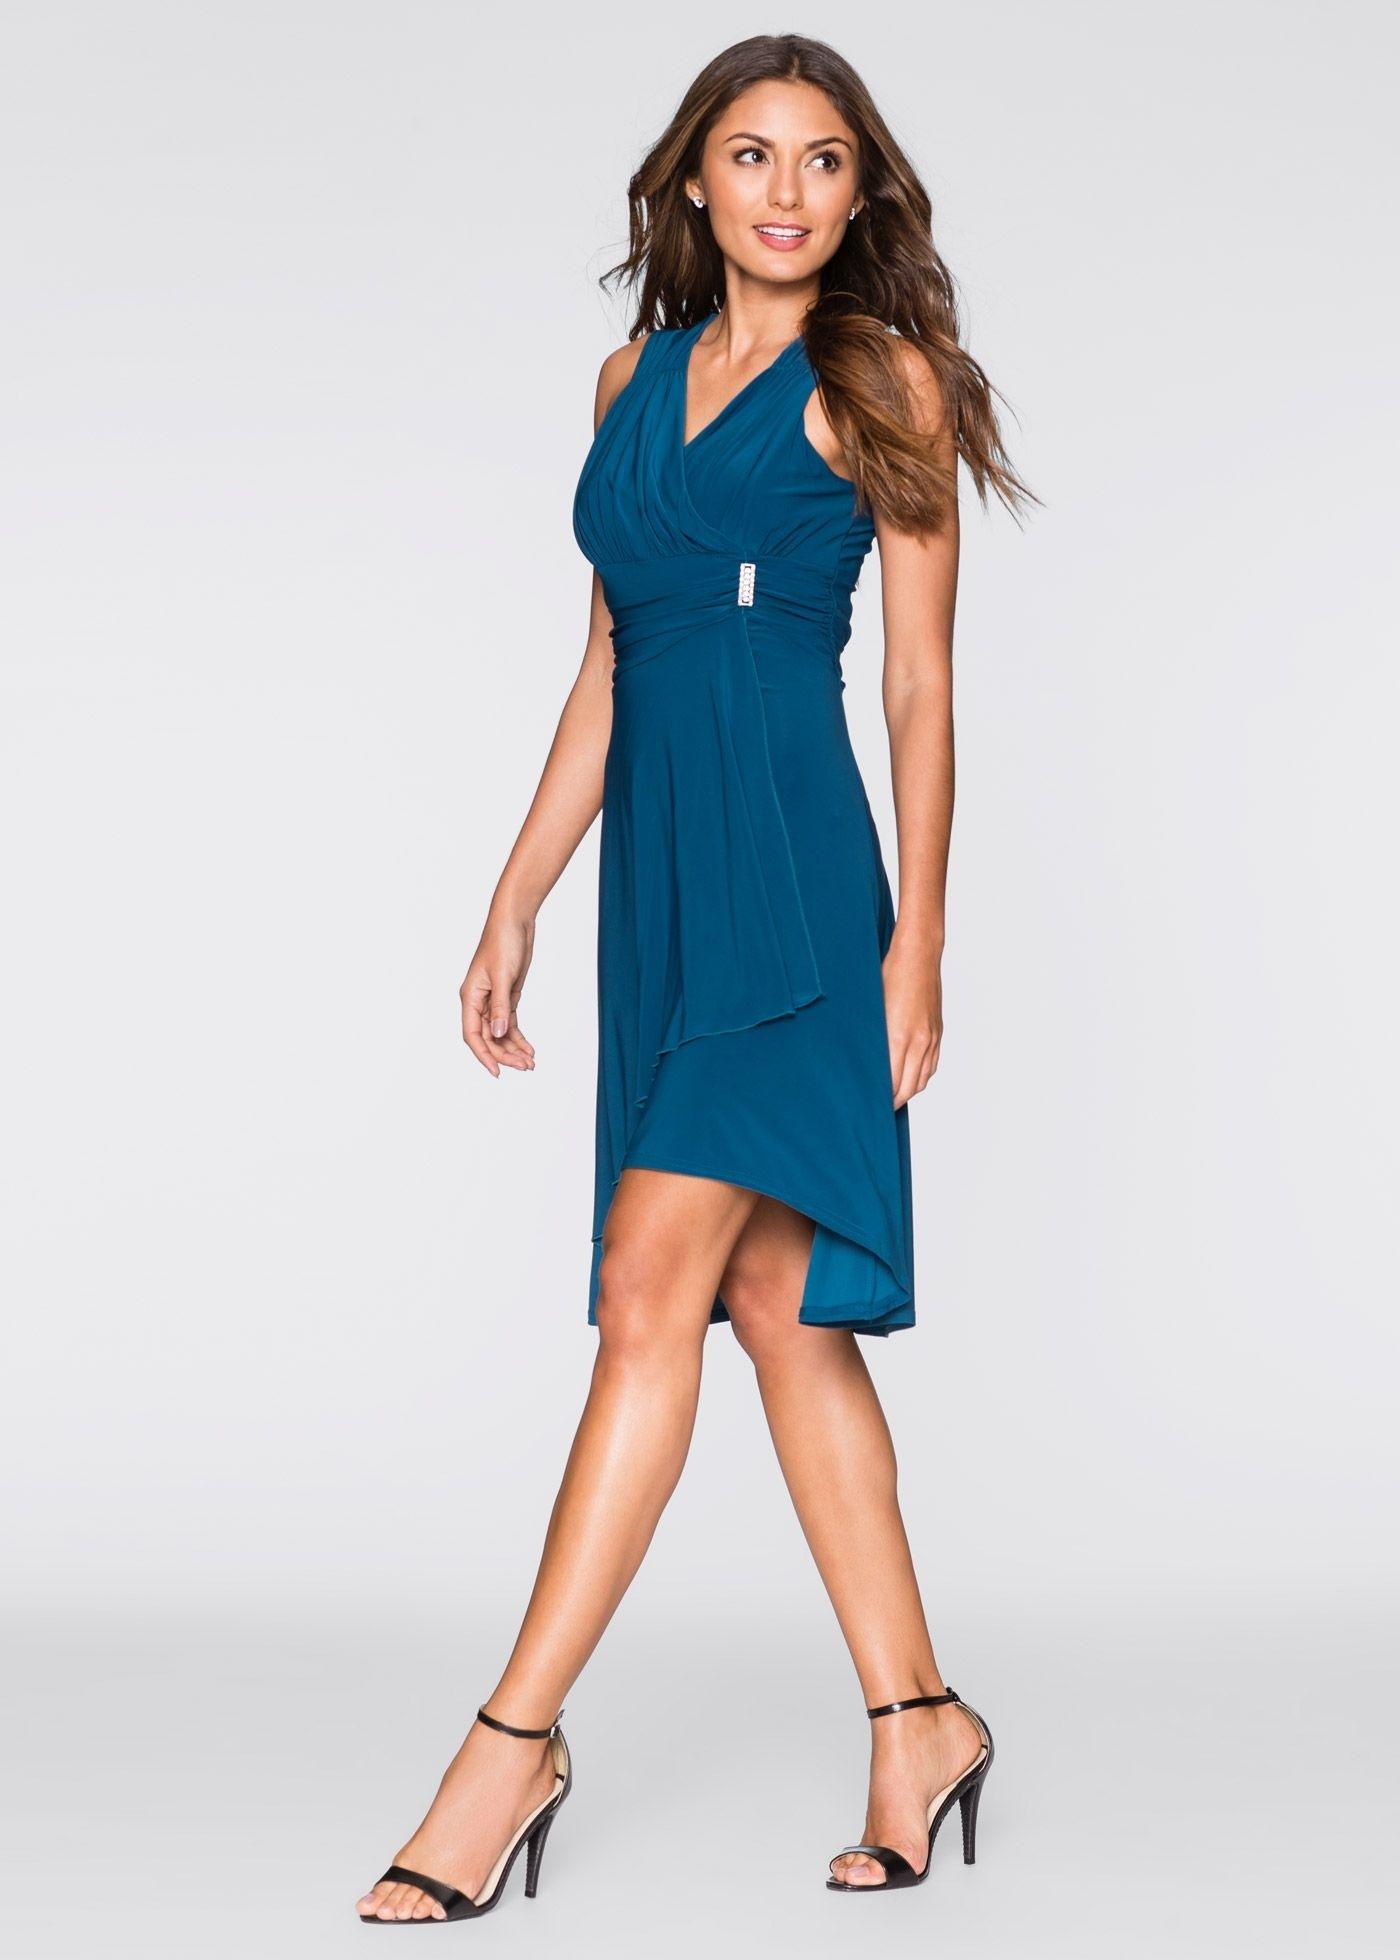 17 Schön Blaue Kleider Knielang VertriebAbend Elegant Blaue Kleider Knielang Spezialgebiet